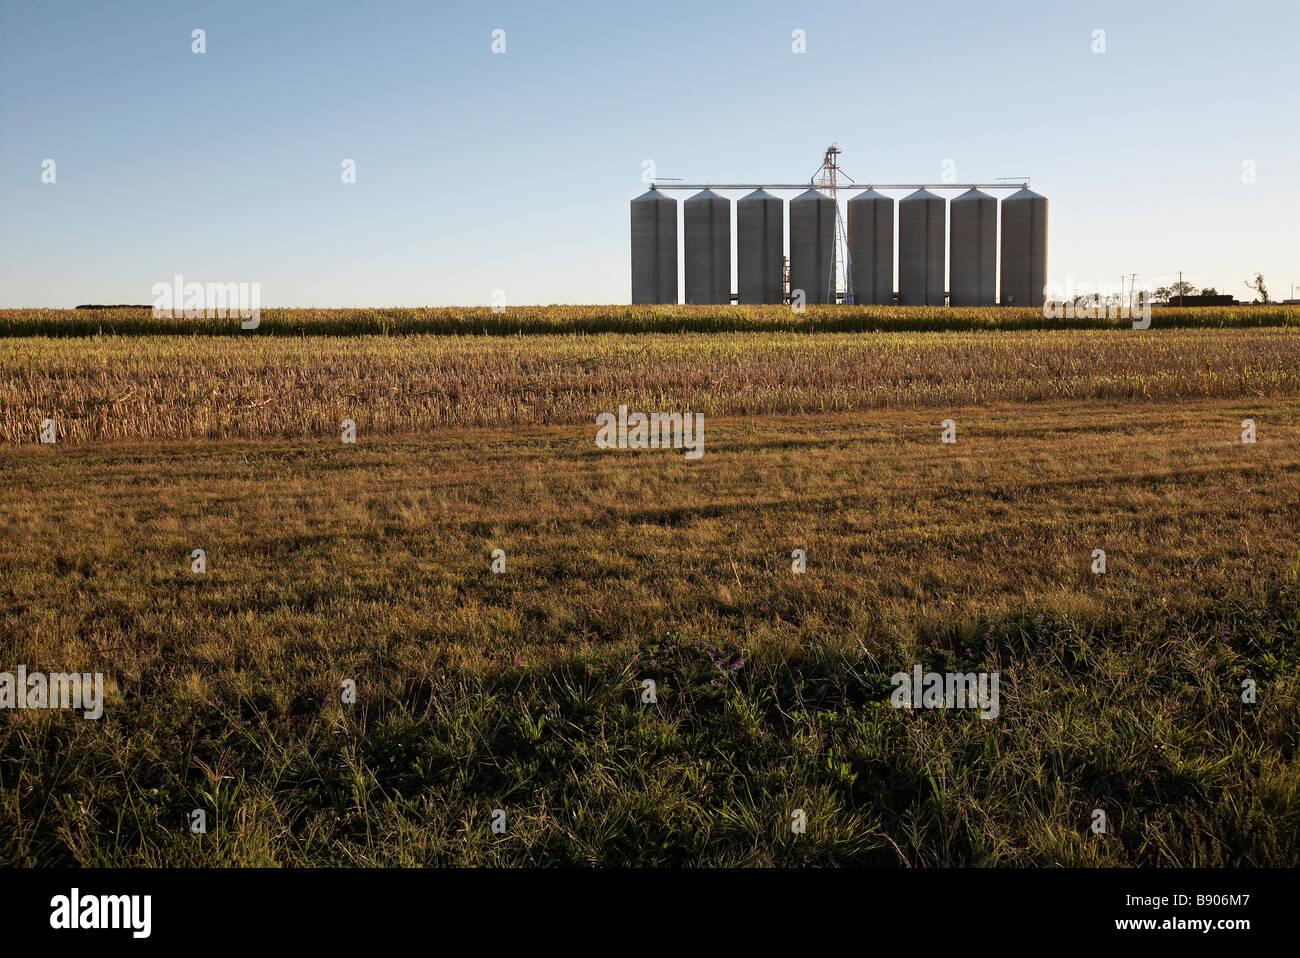 Silos - Stock Image